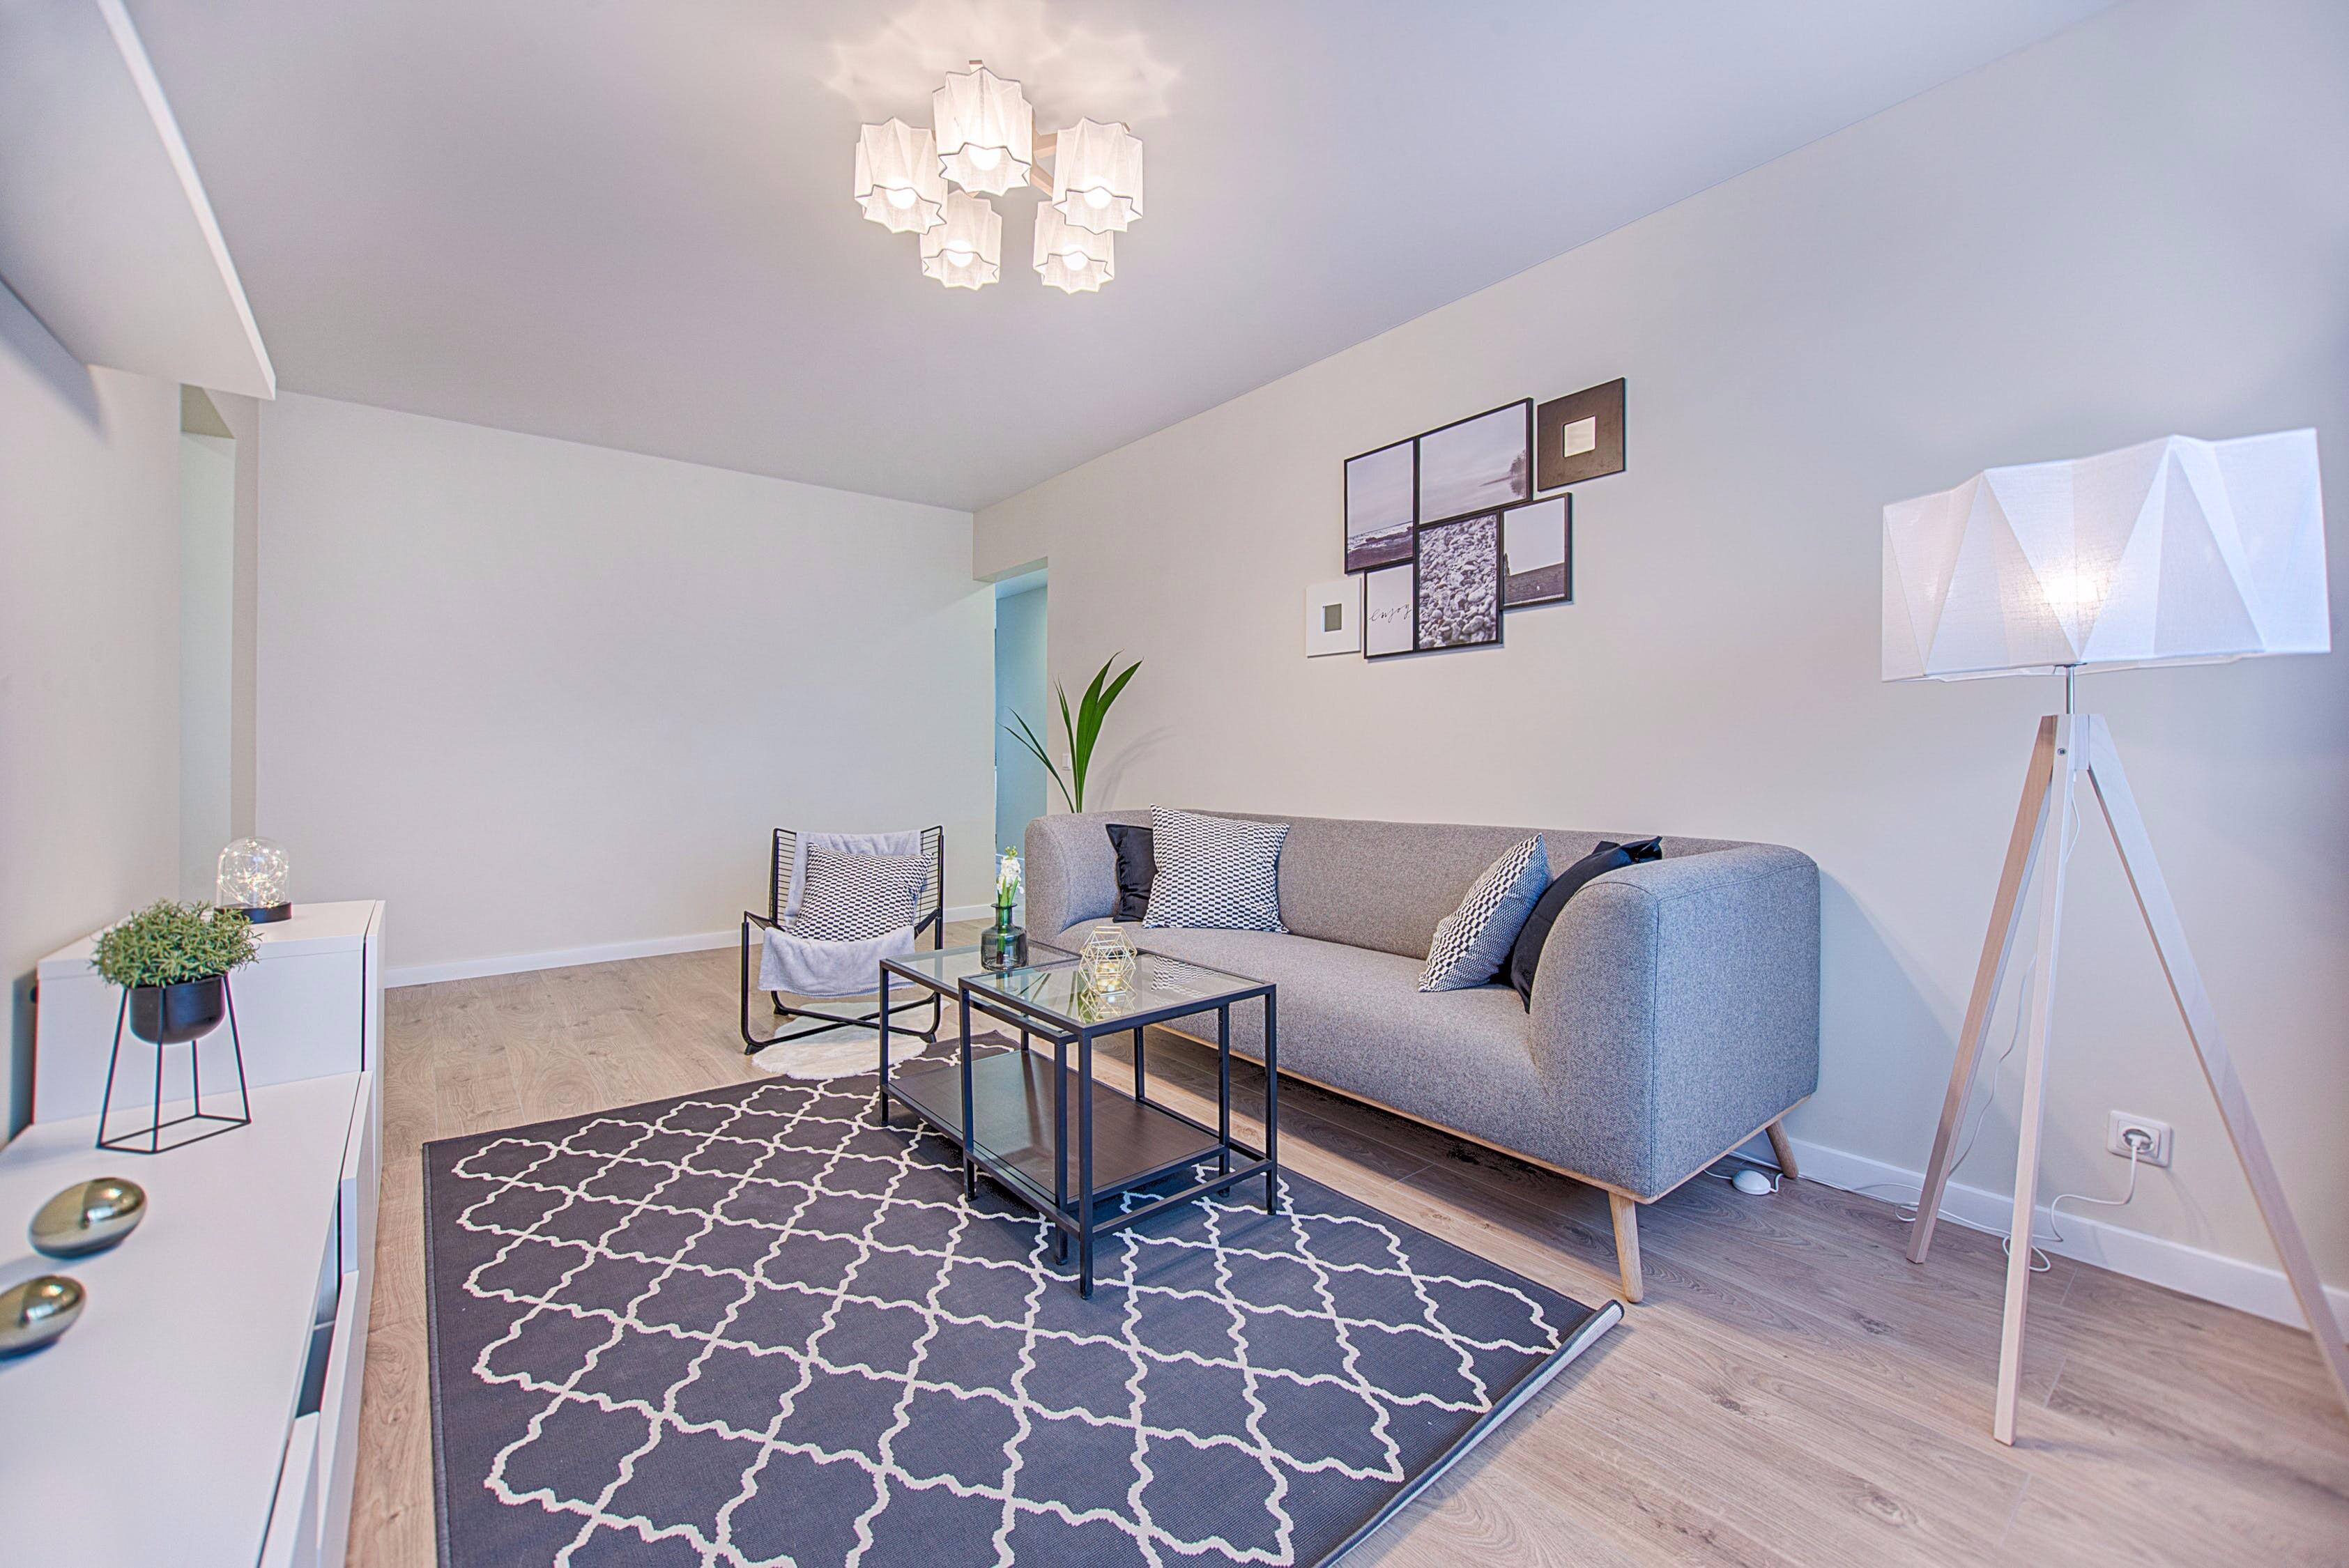 Дизайн гостиной в хрущевке: делаем маленькую комнату красивой и удобной без перепланировки